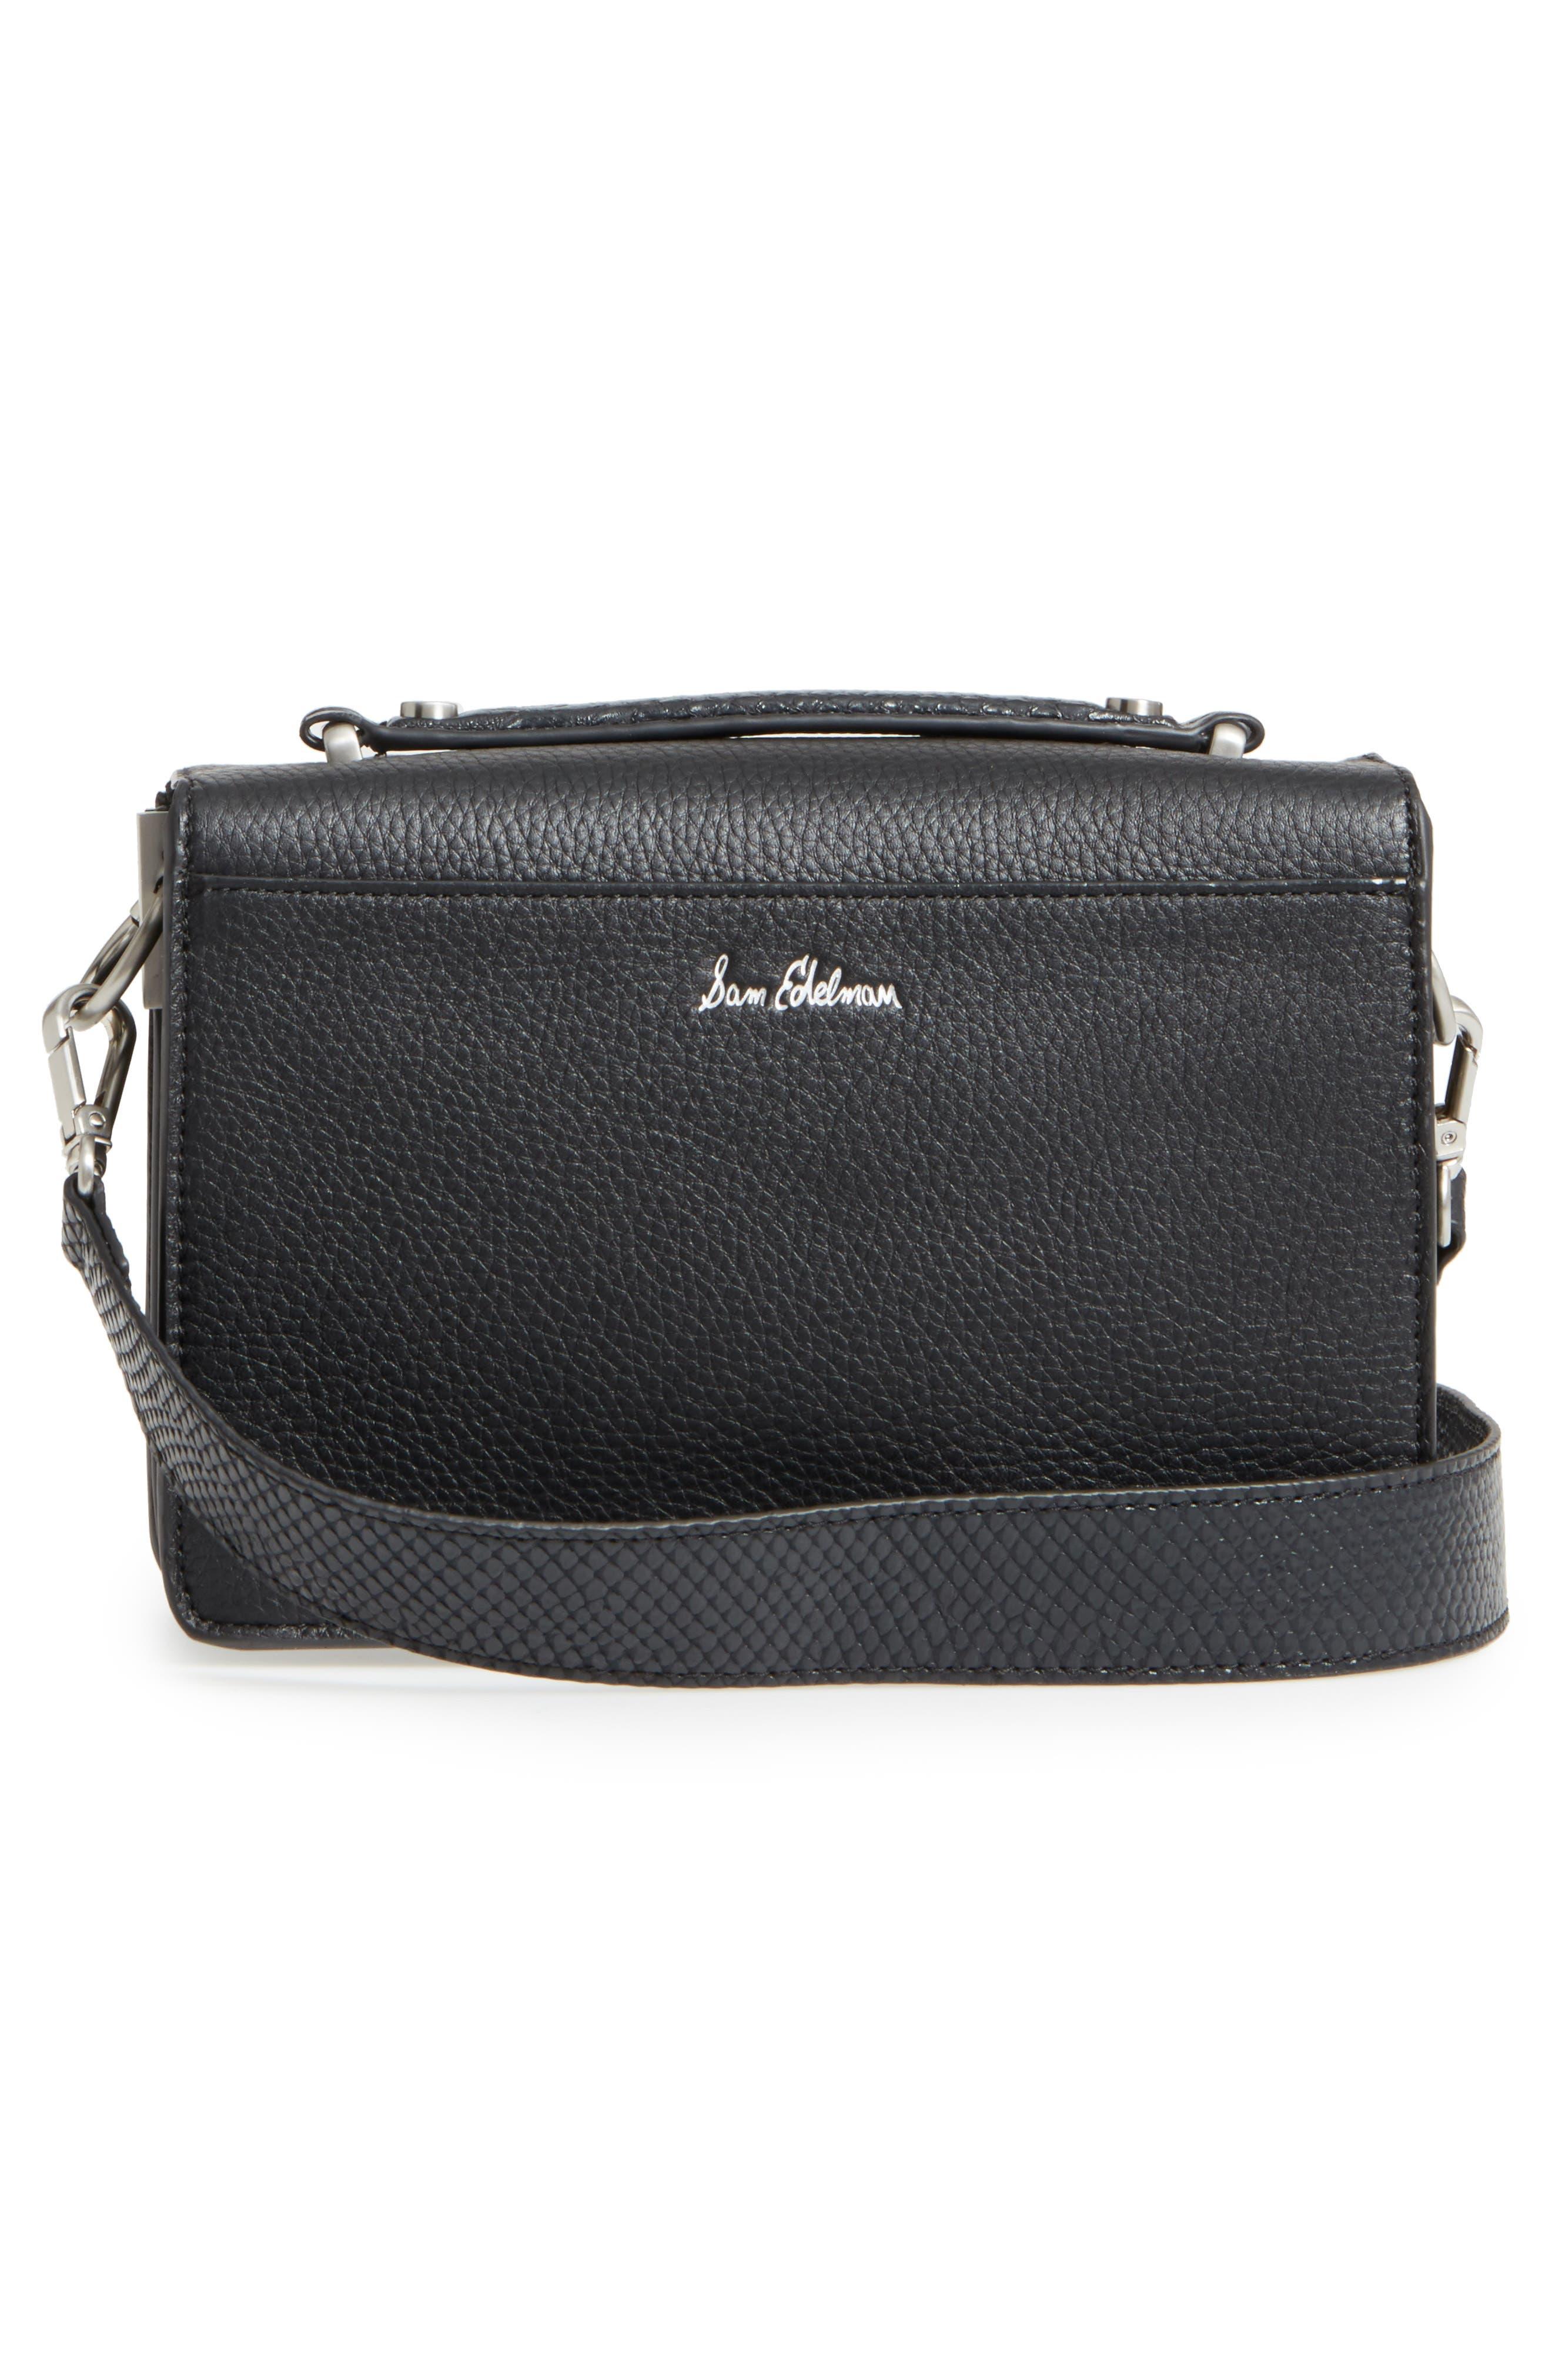 Alternate Image 2  - Sam Edelman Gessica Leather Shoulder Bag